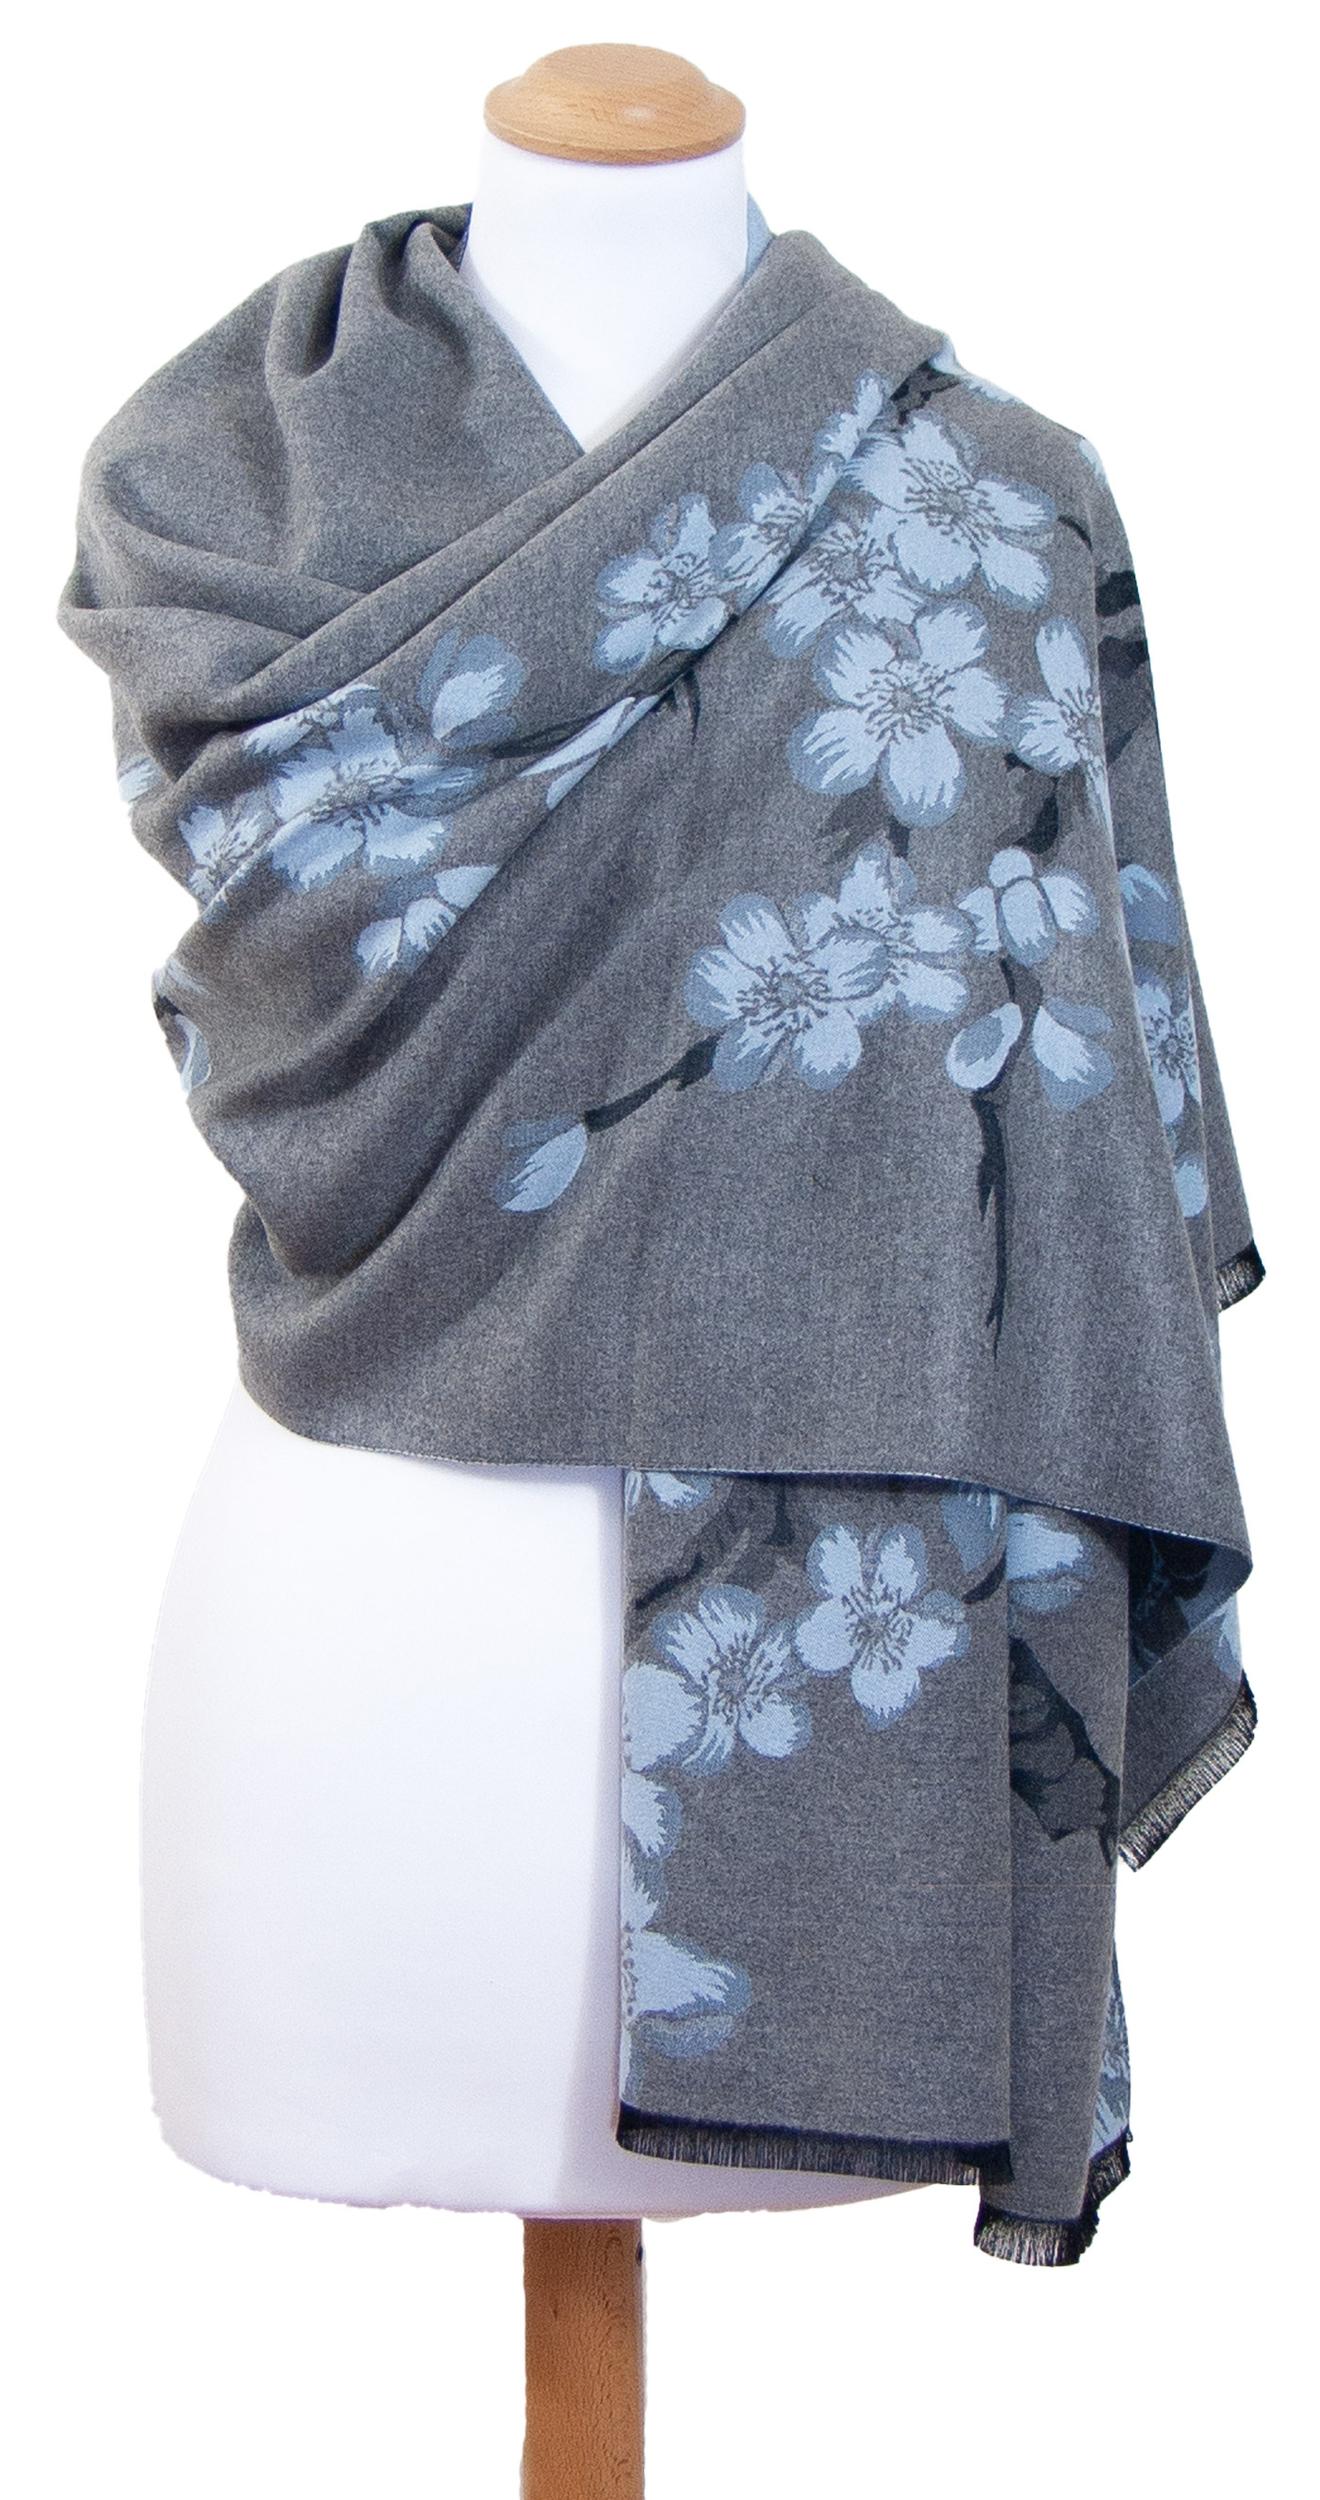 Châle gris bleu fleurs de cerisiers